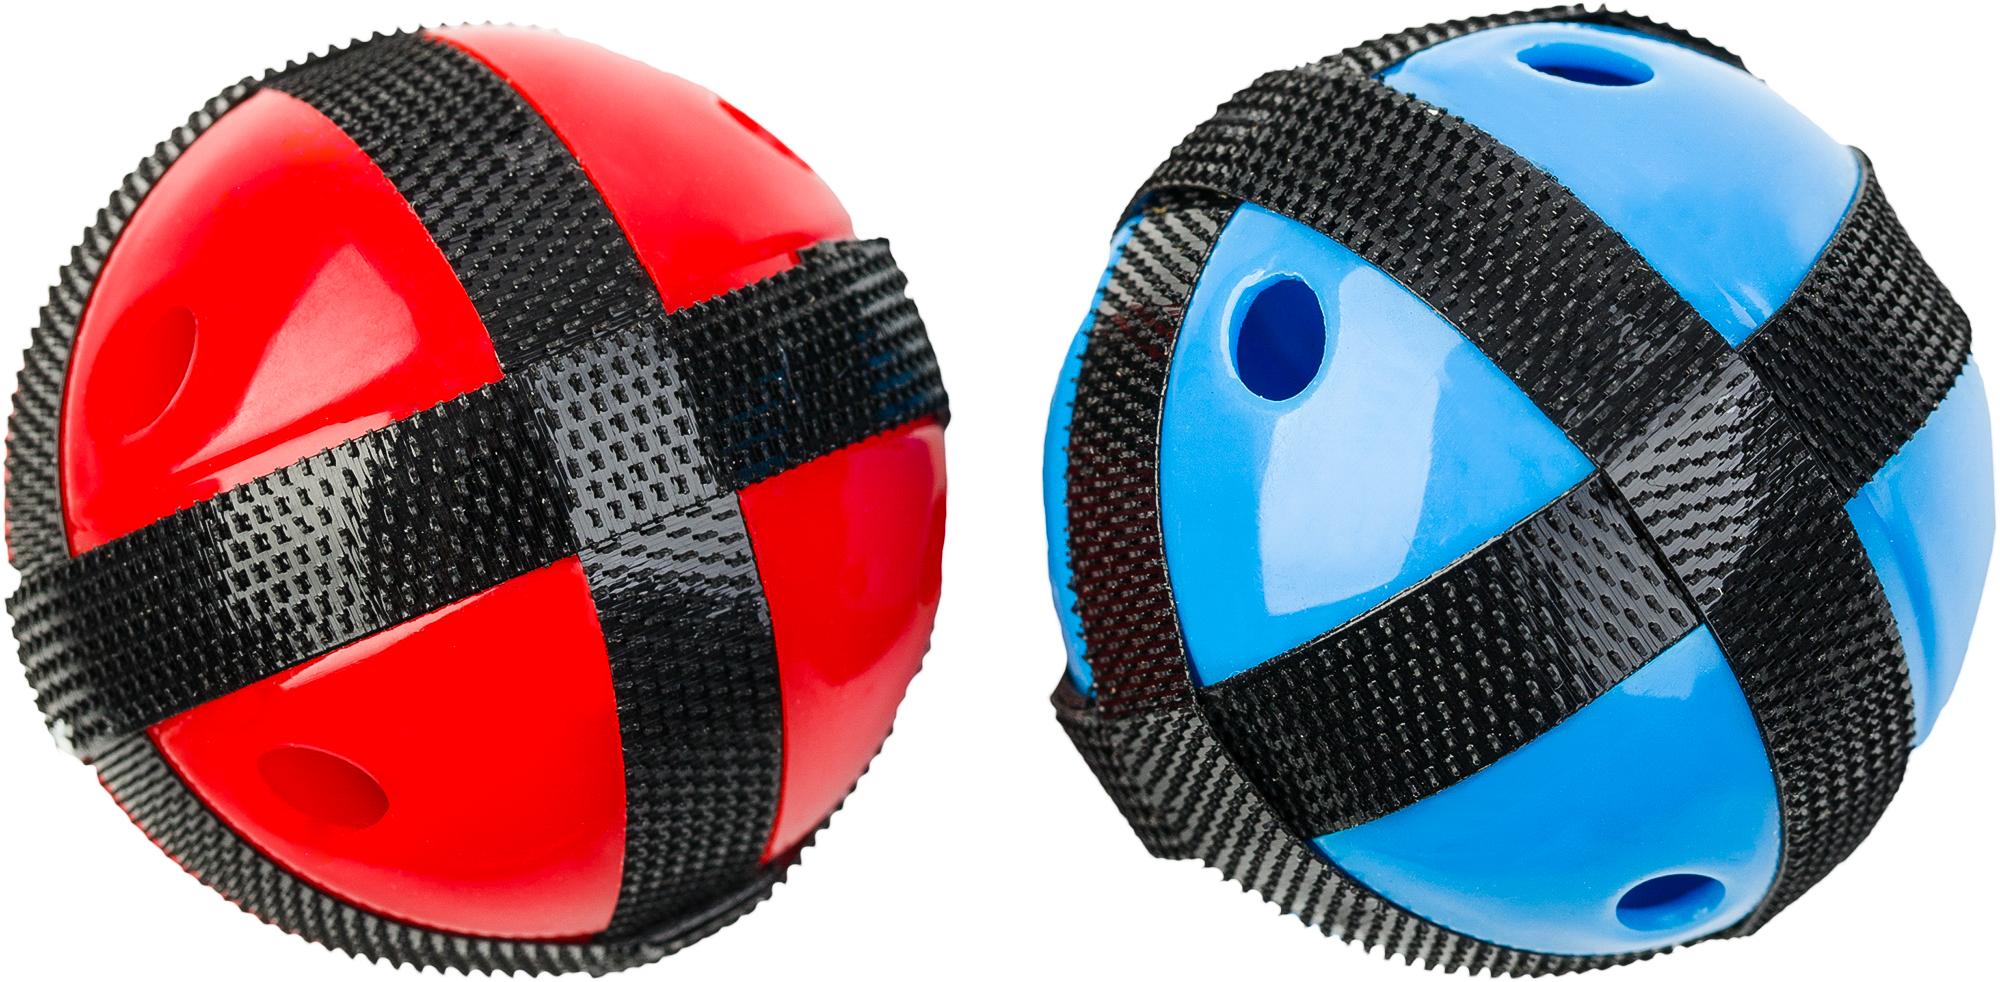 Torneo Набор шаров Torneo, 6 шт стоимость